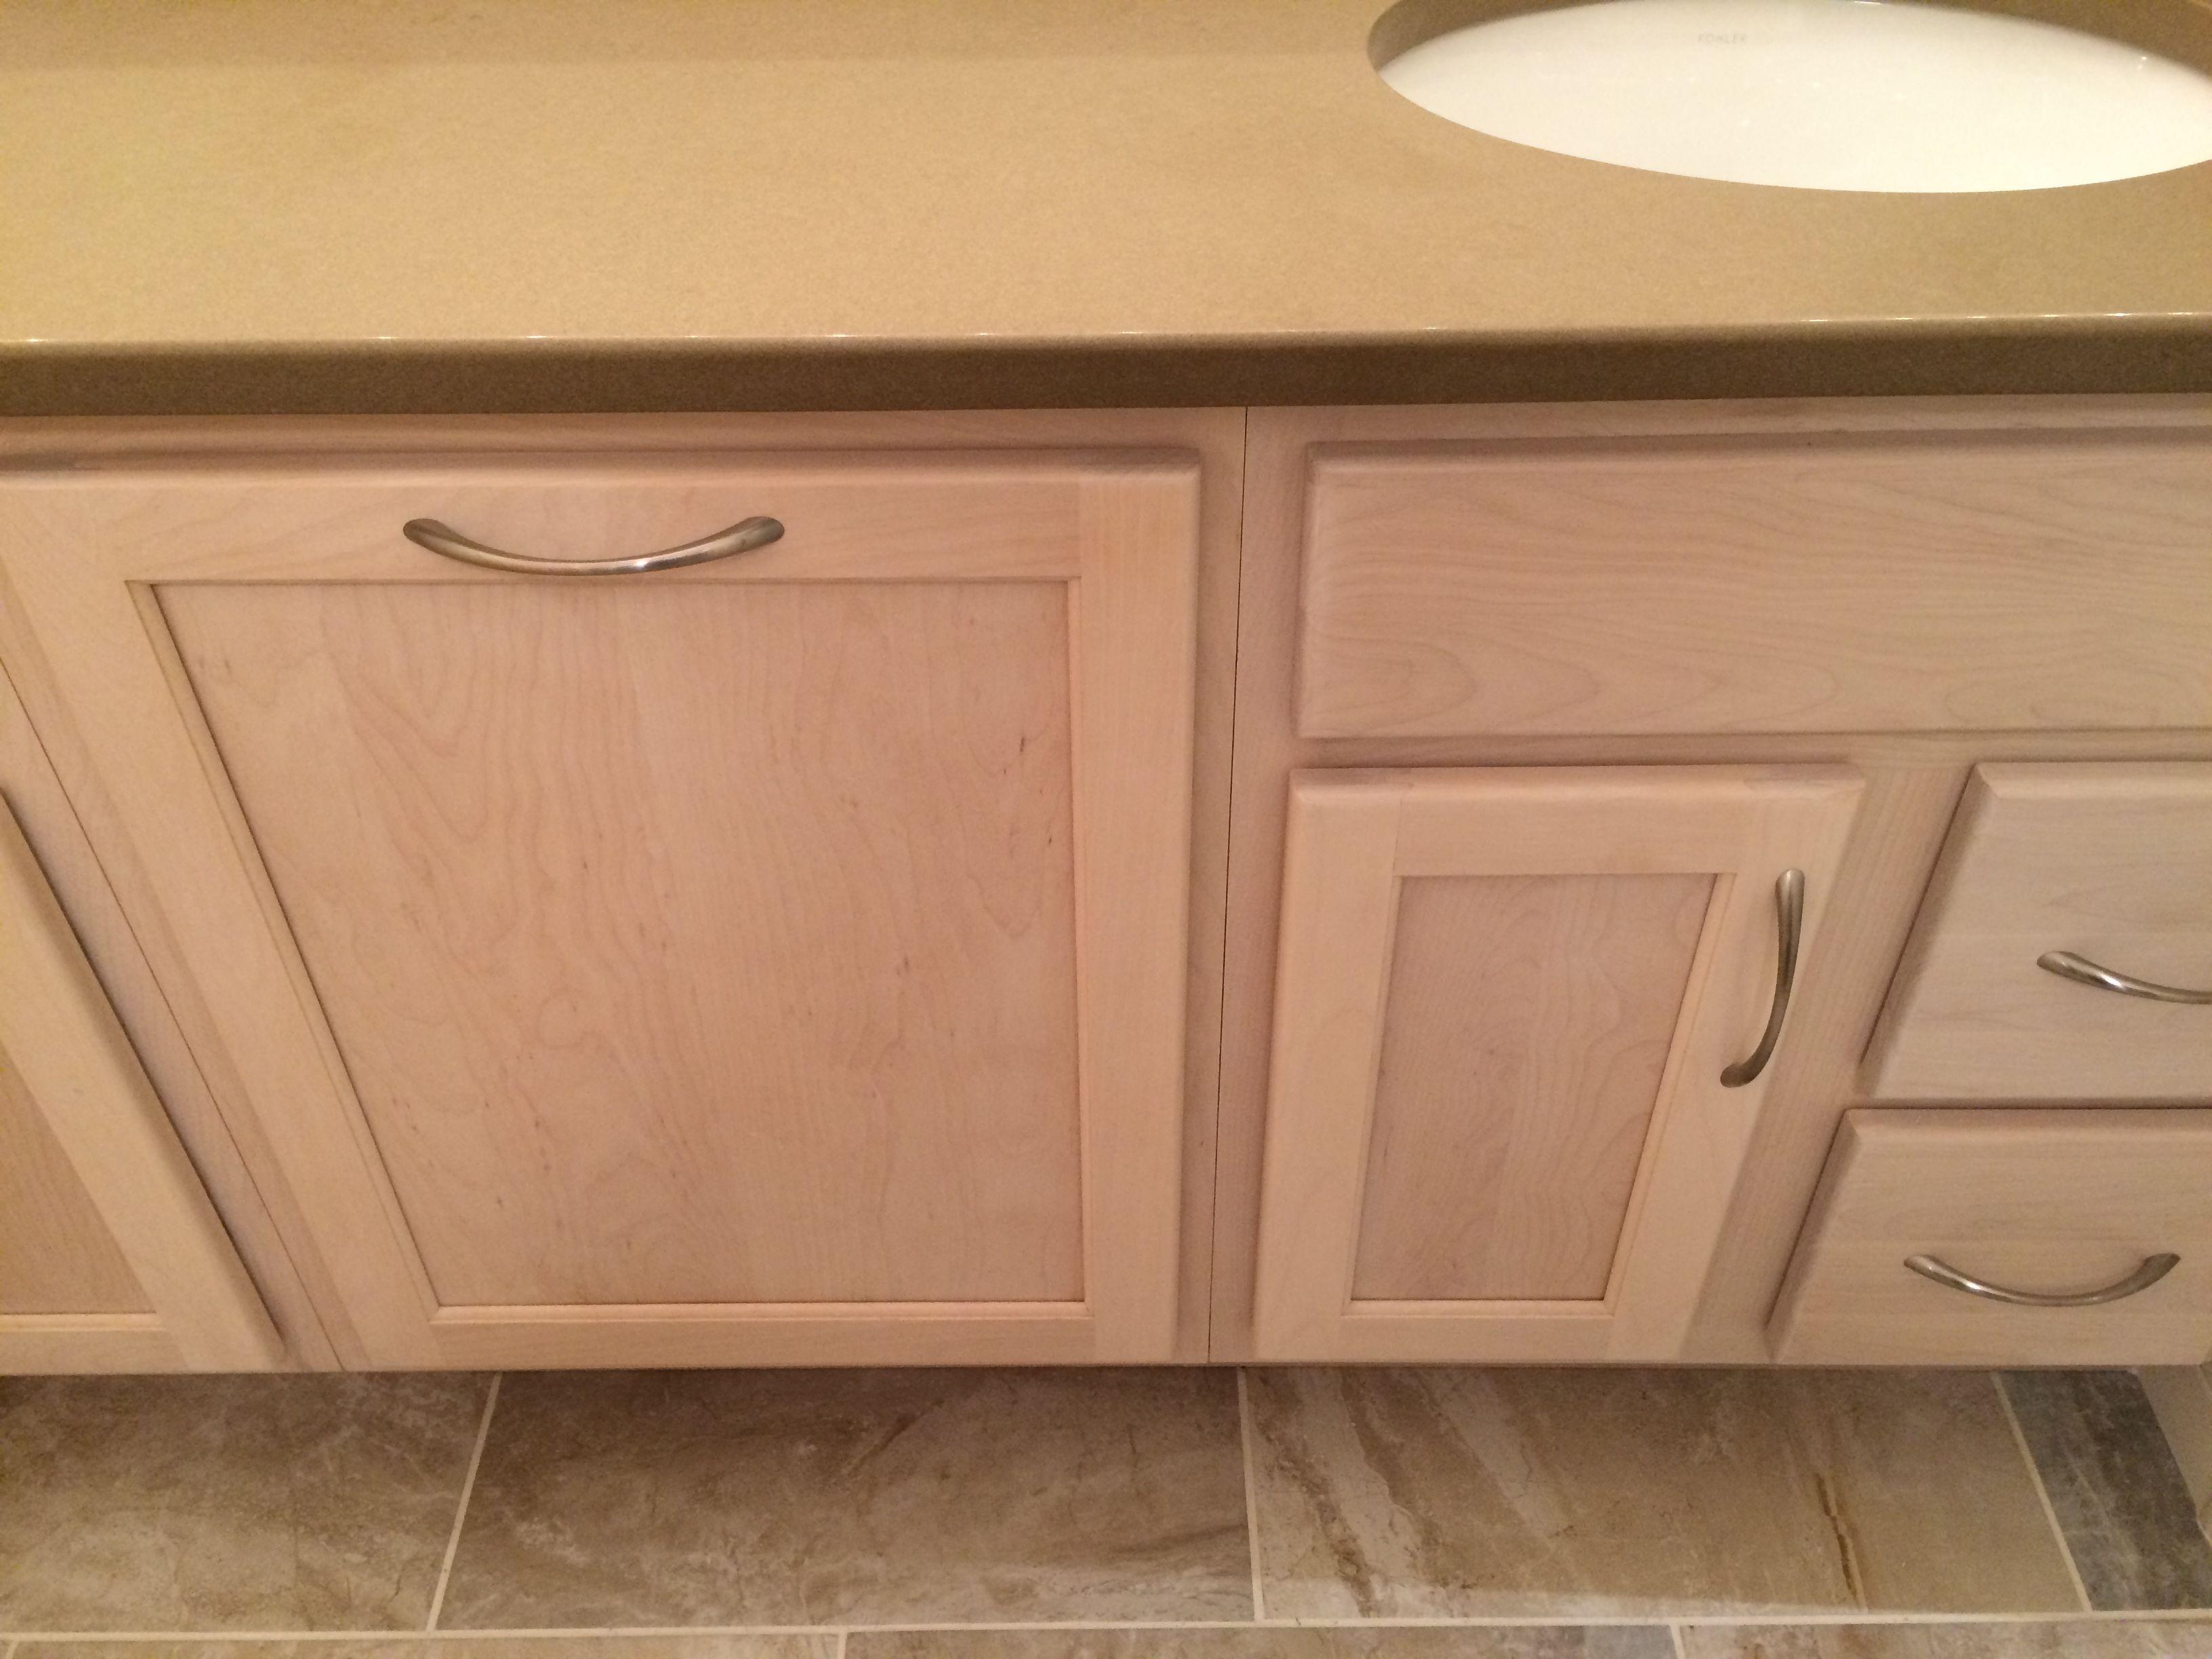 Whitewashed Bathroom Vanity With Hamper Kitchen Bath Design